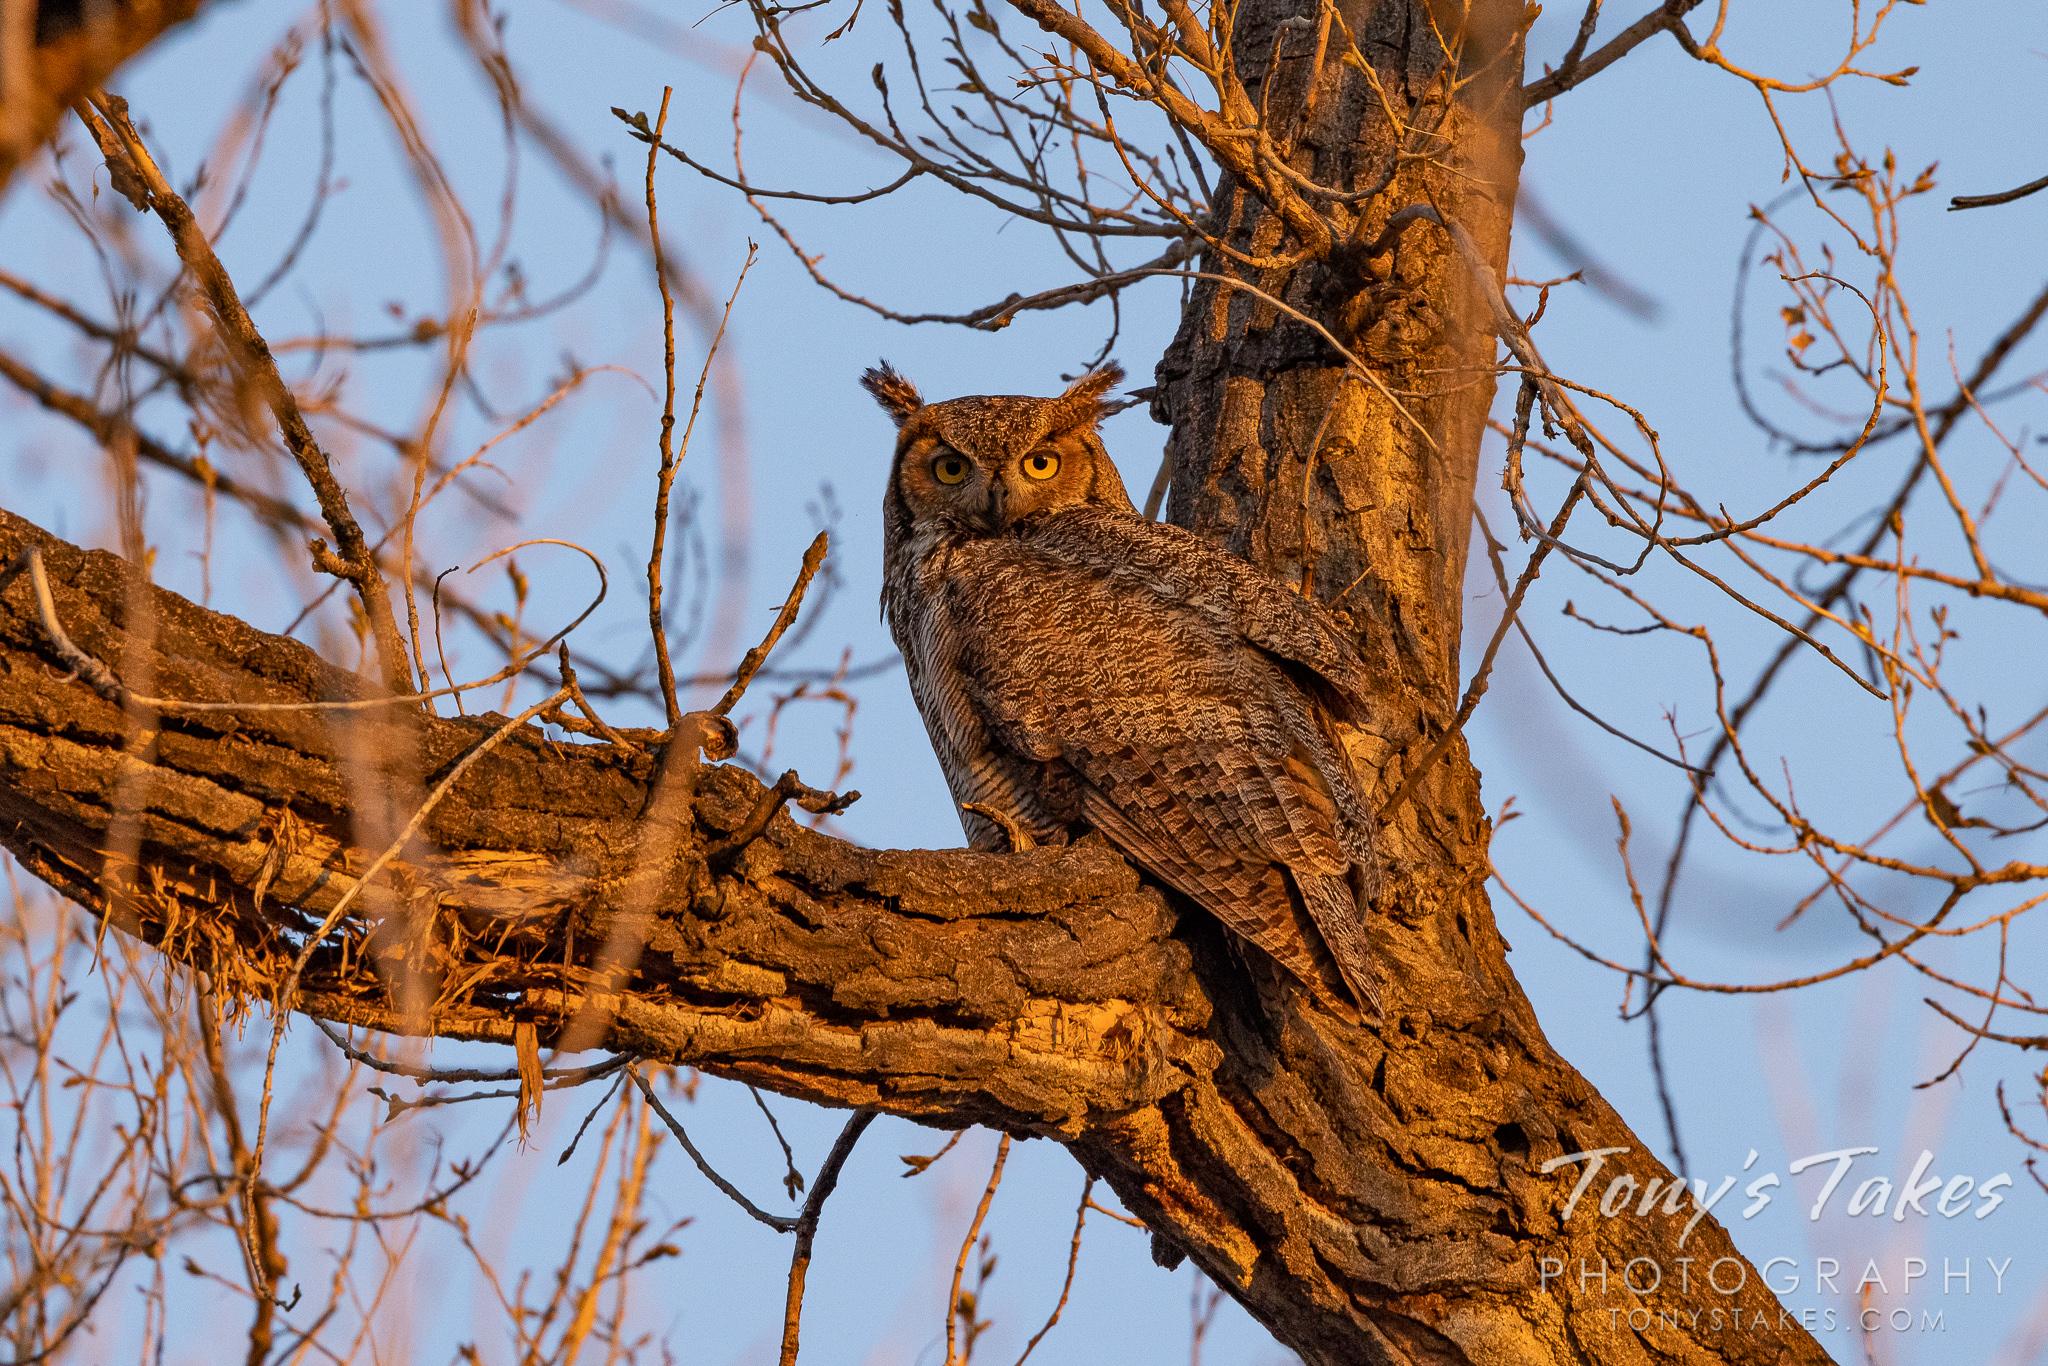 Golden-eyed great horned owl at sunrise